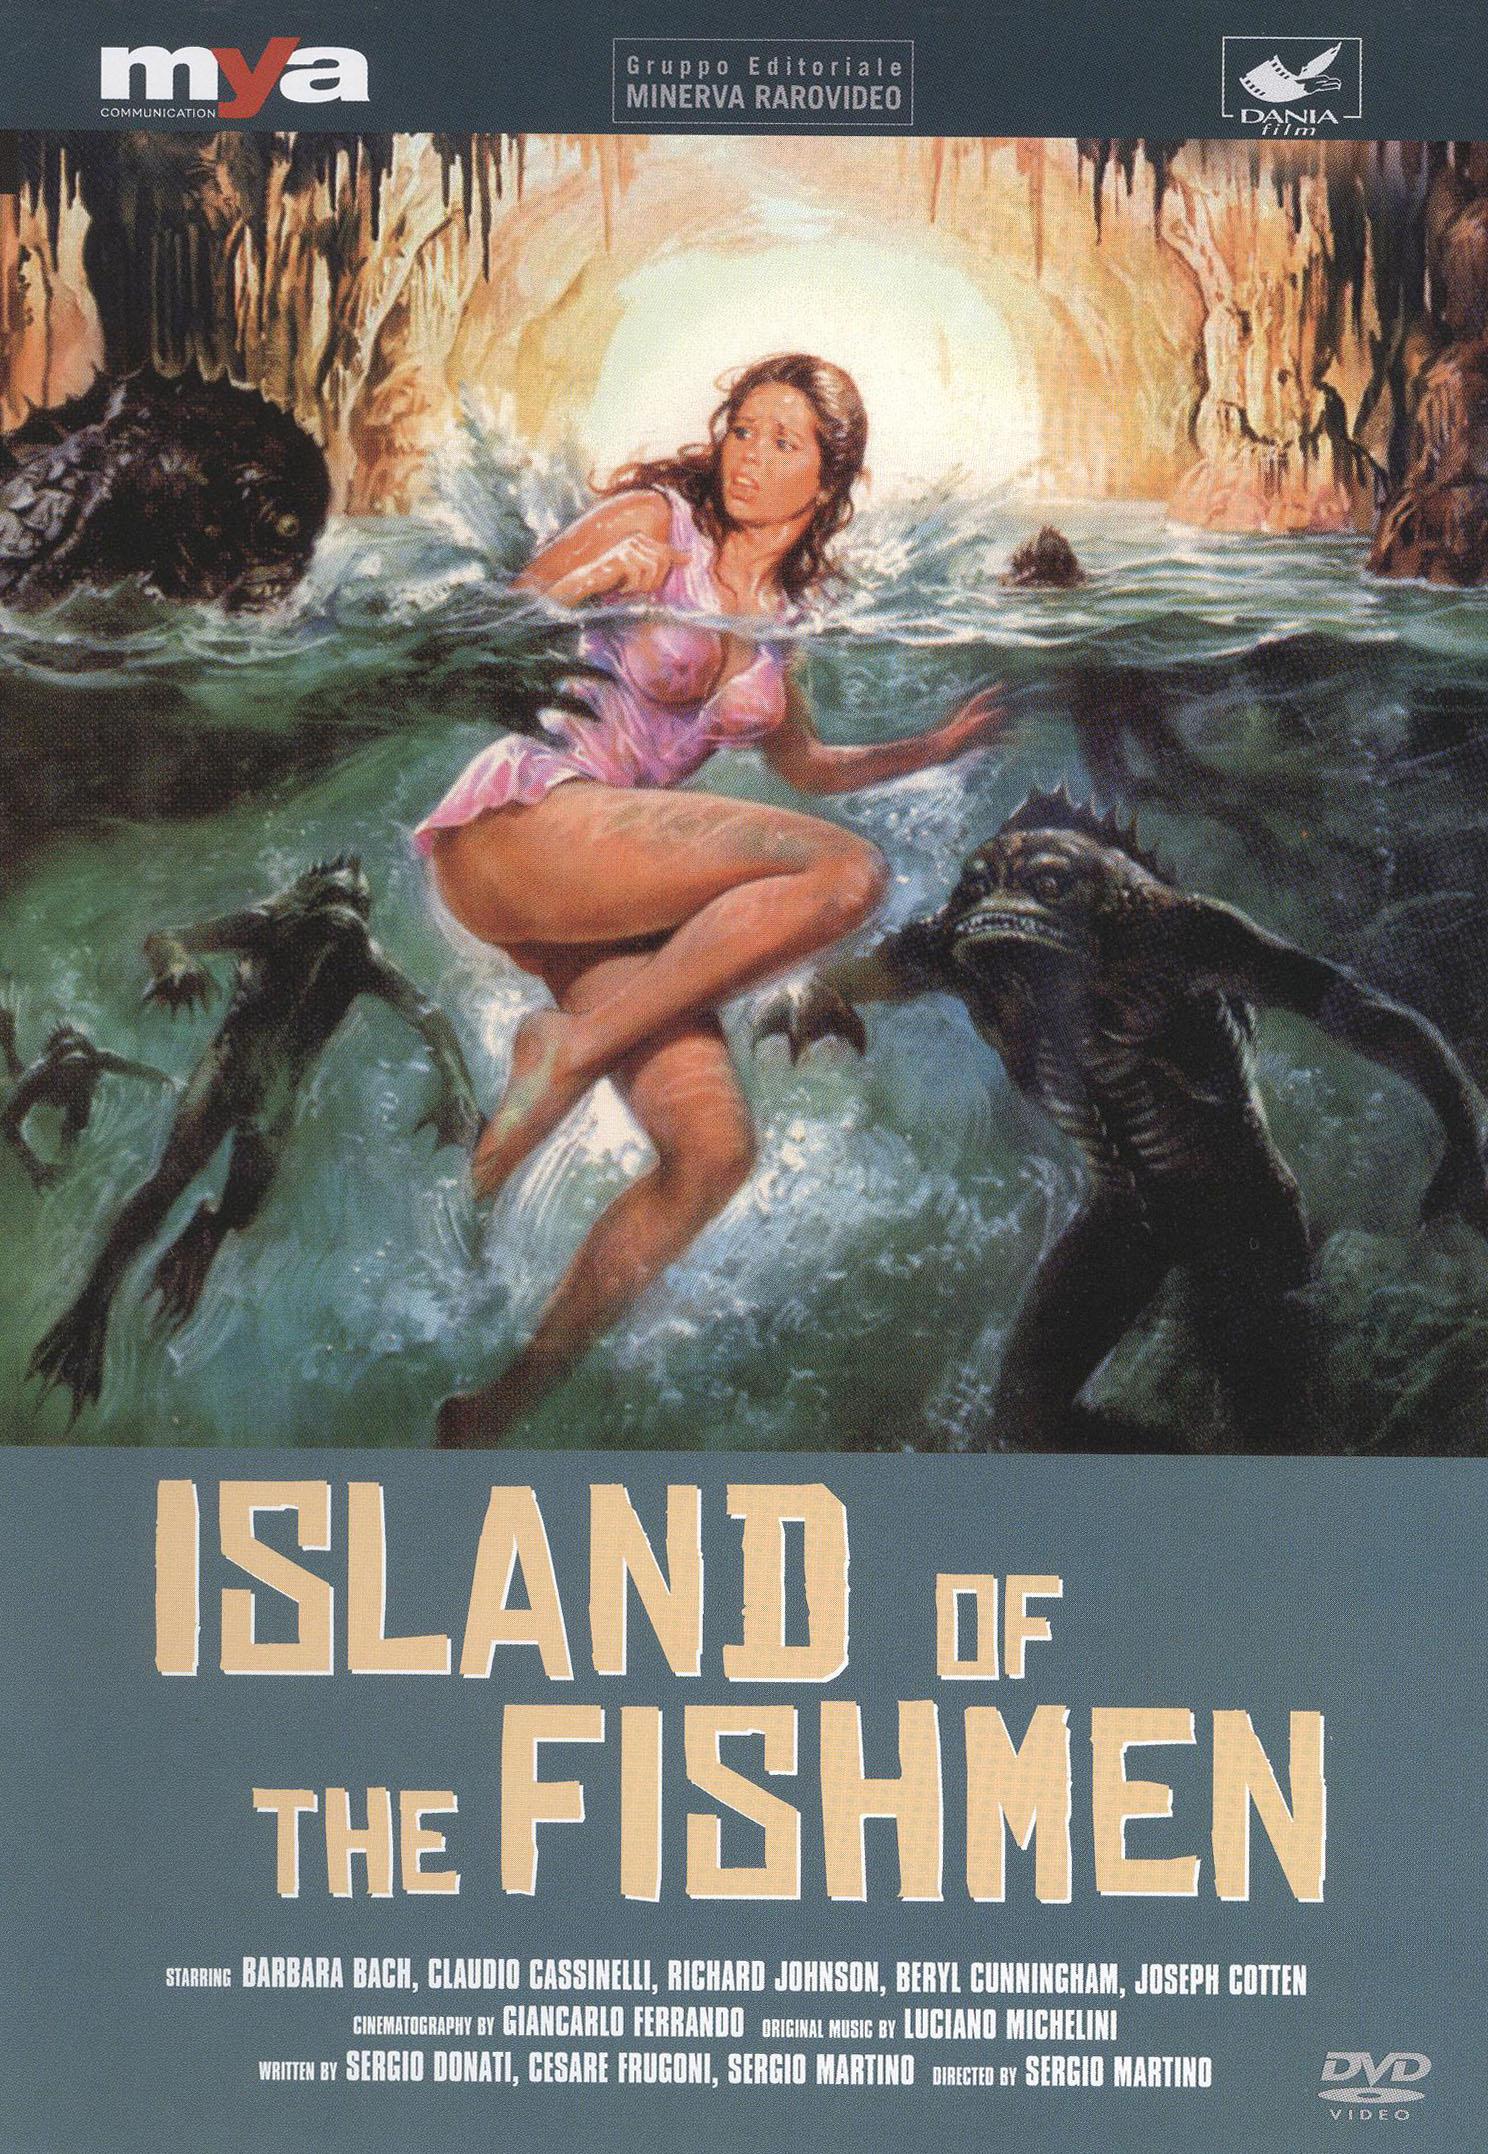 L'Isola degli Uomini Pesce